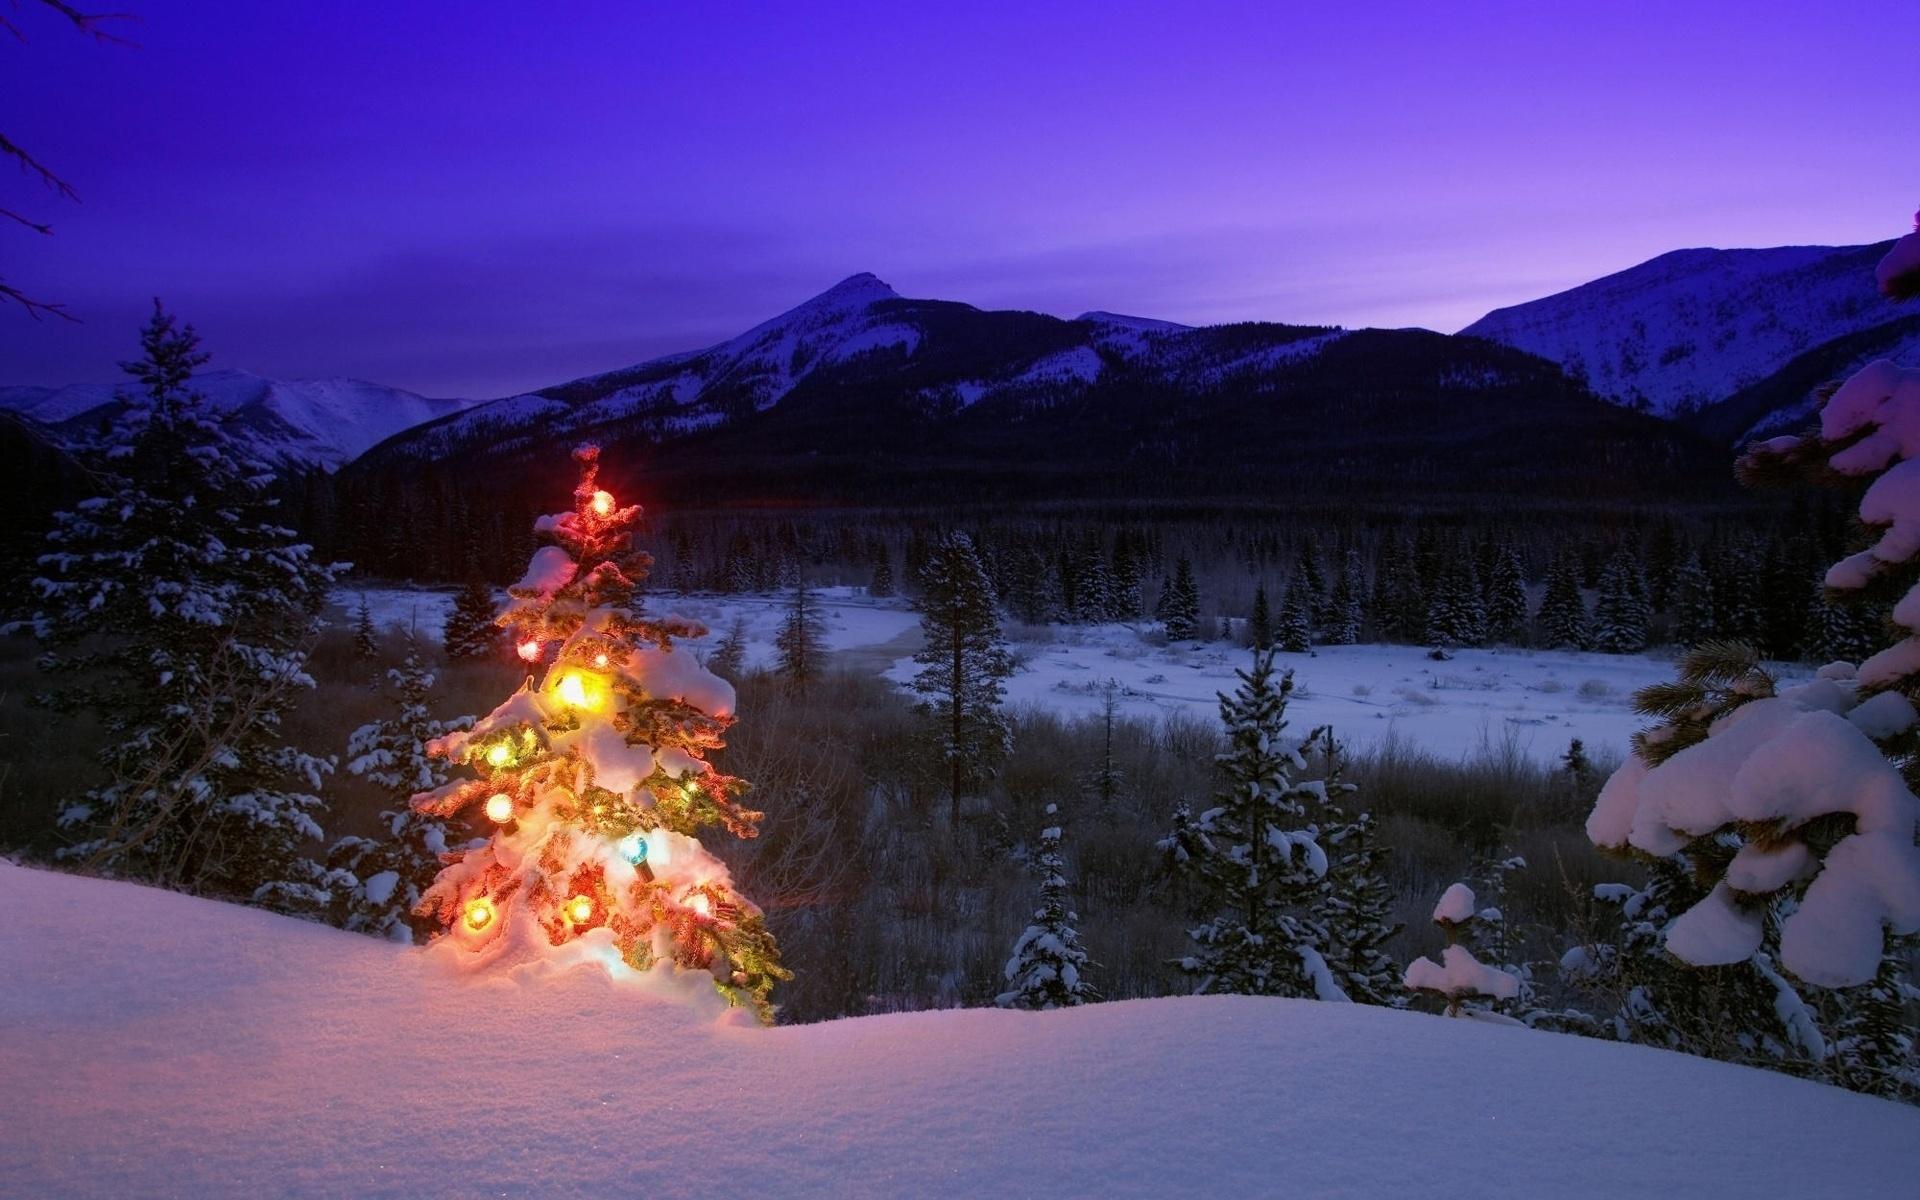 Шале на новый год в горах сколько стоит проживание в канаде